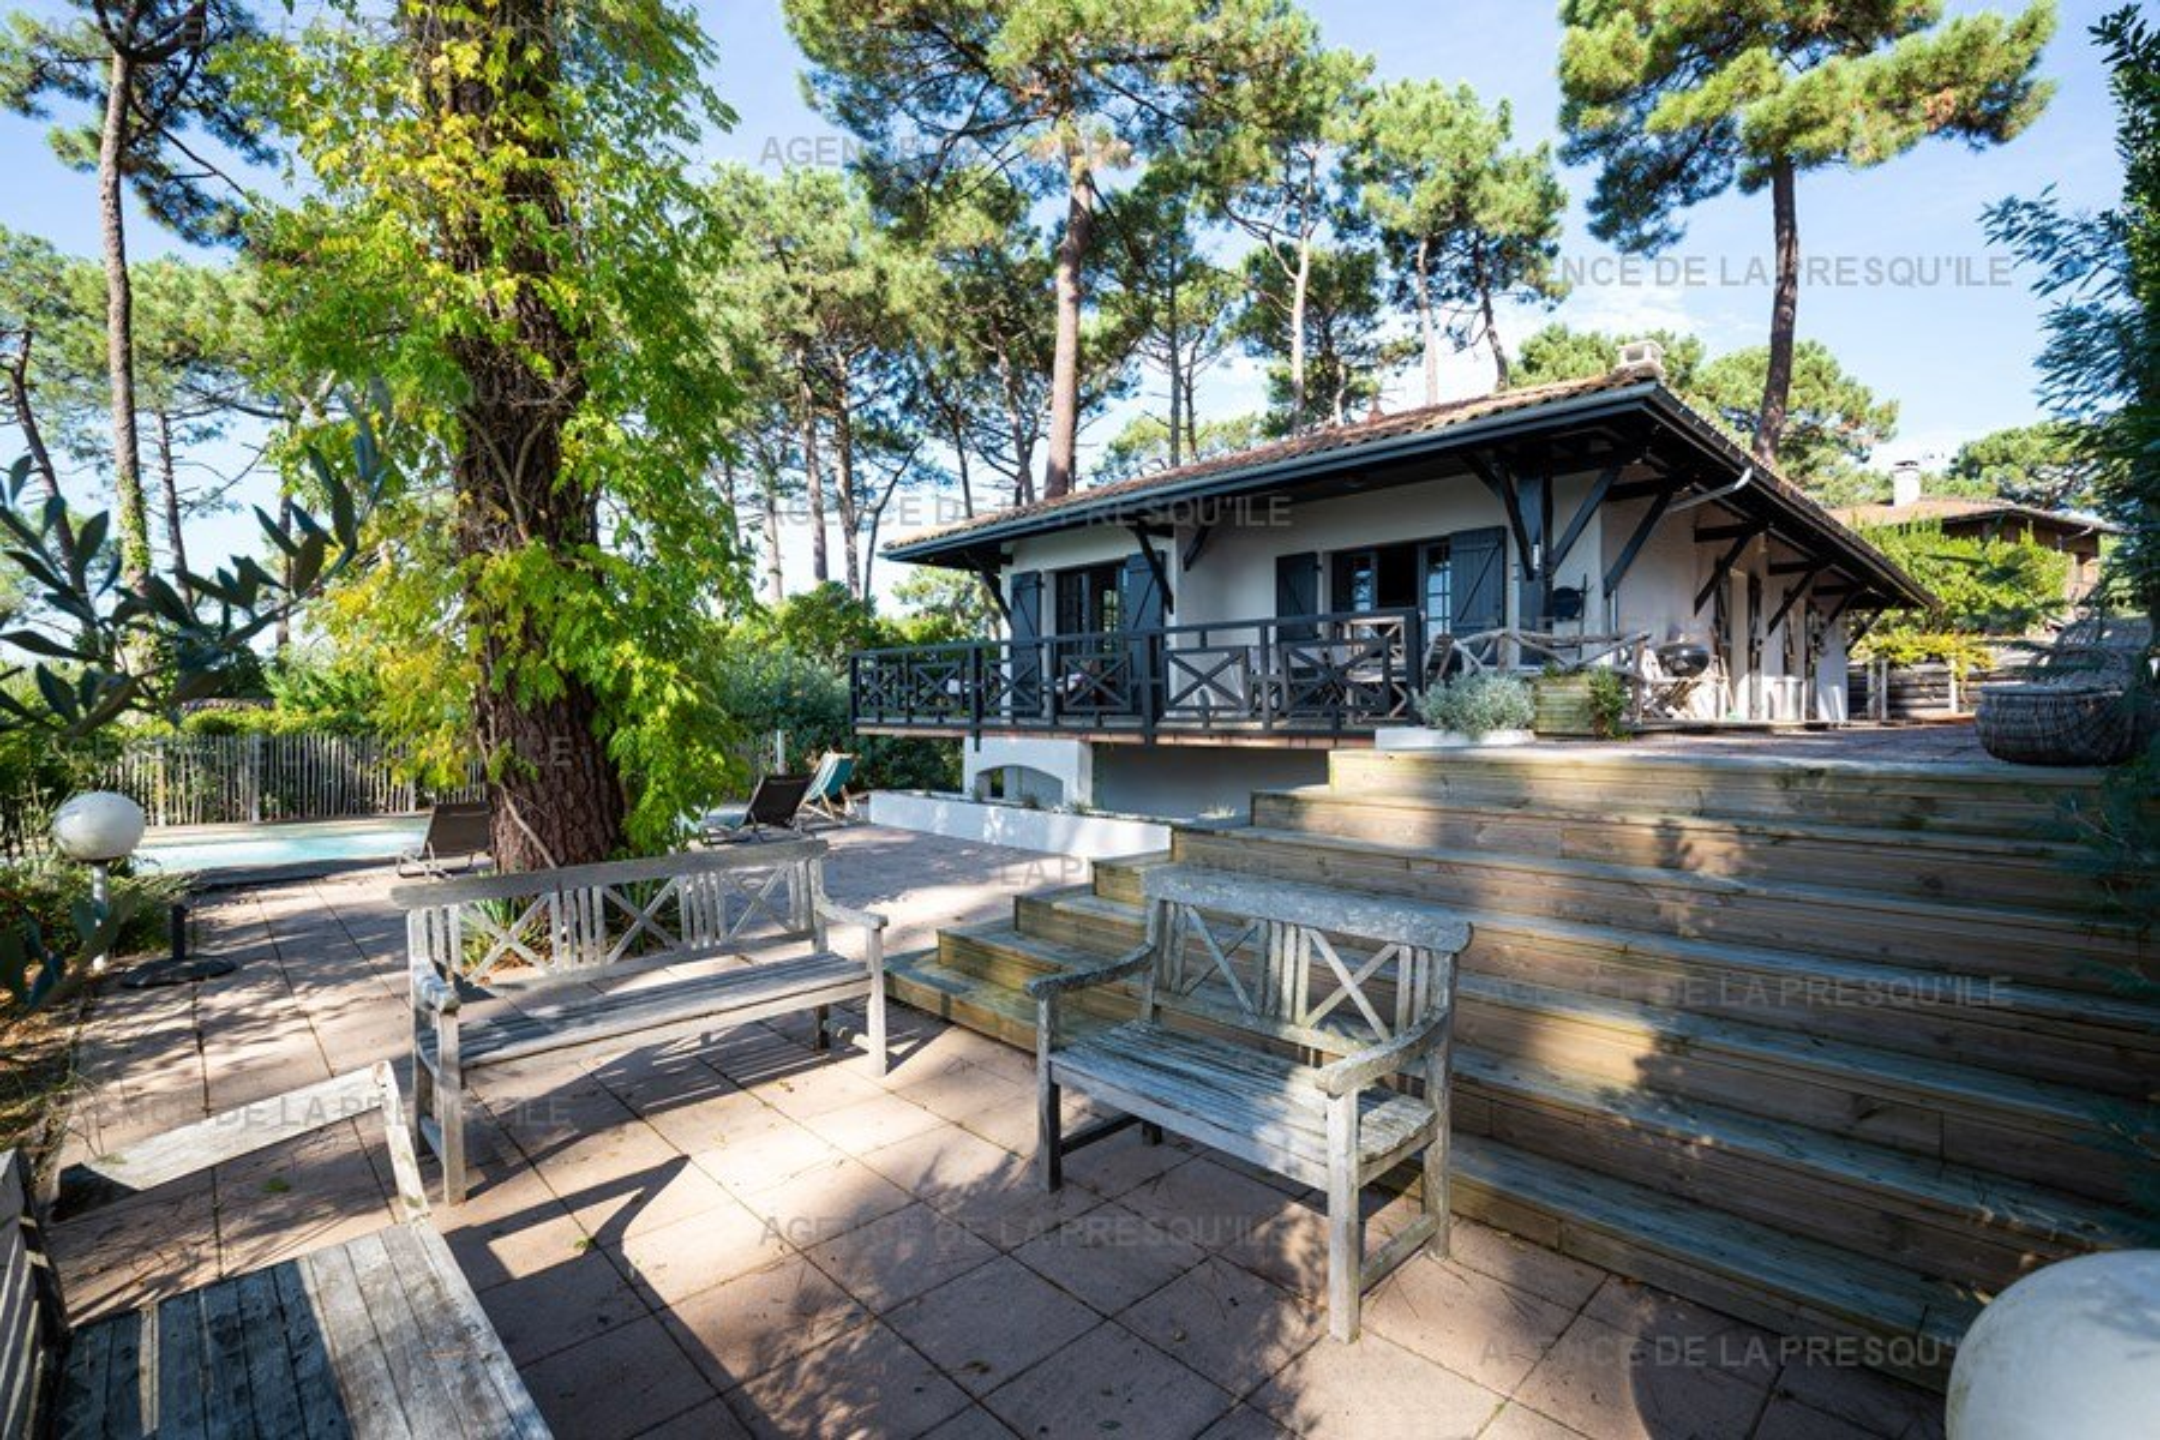 Location: Charmante villa avec piscine, vue bassin, à deux pas des plages 5